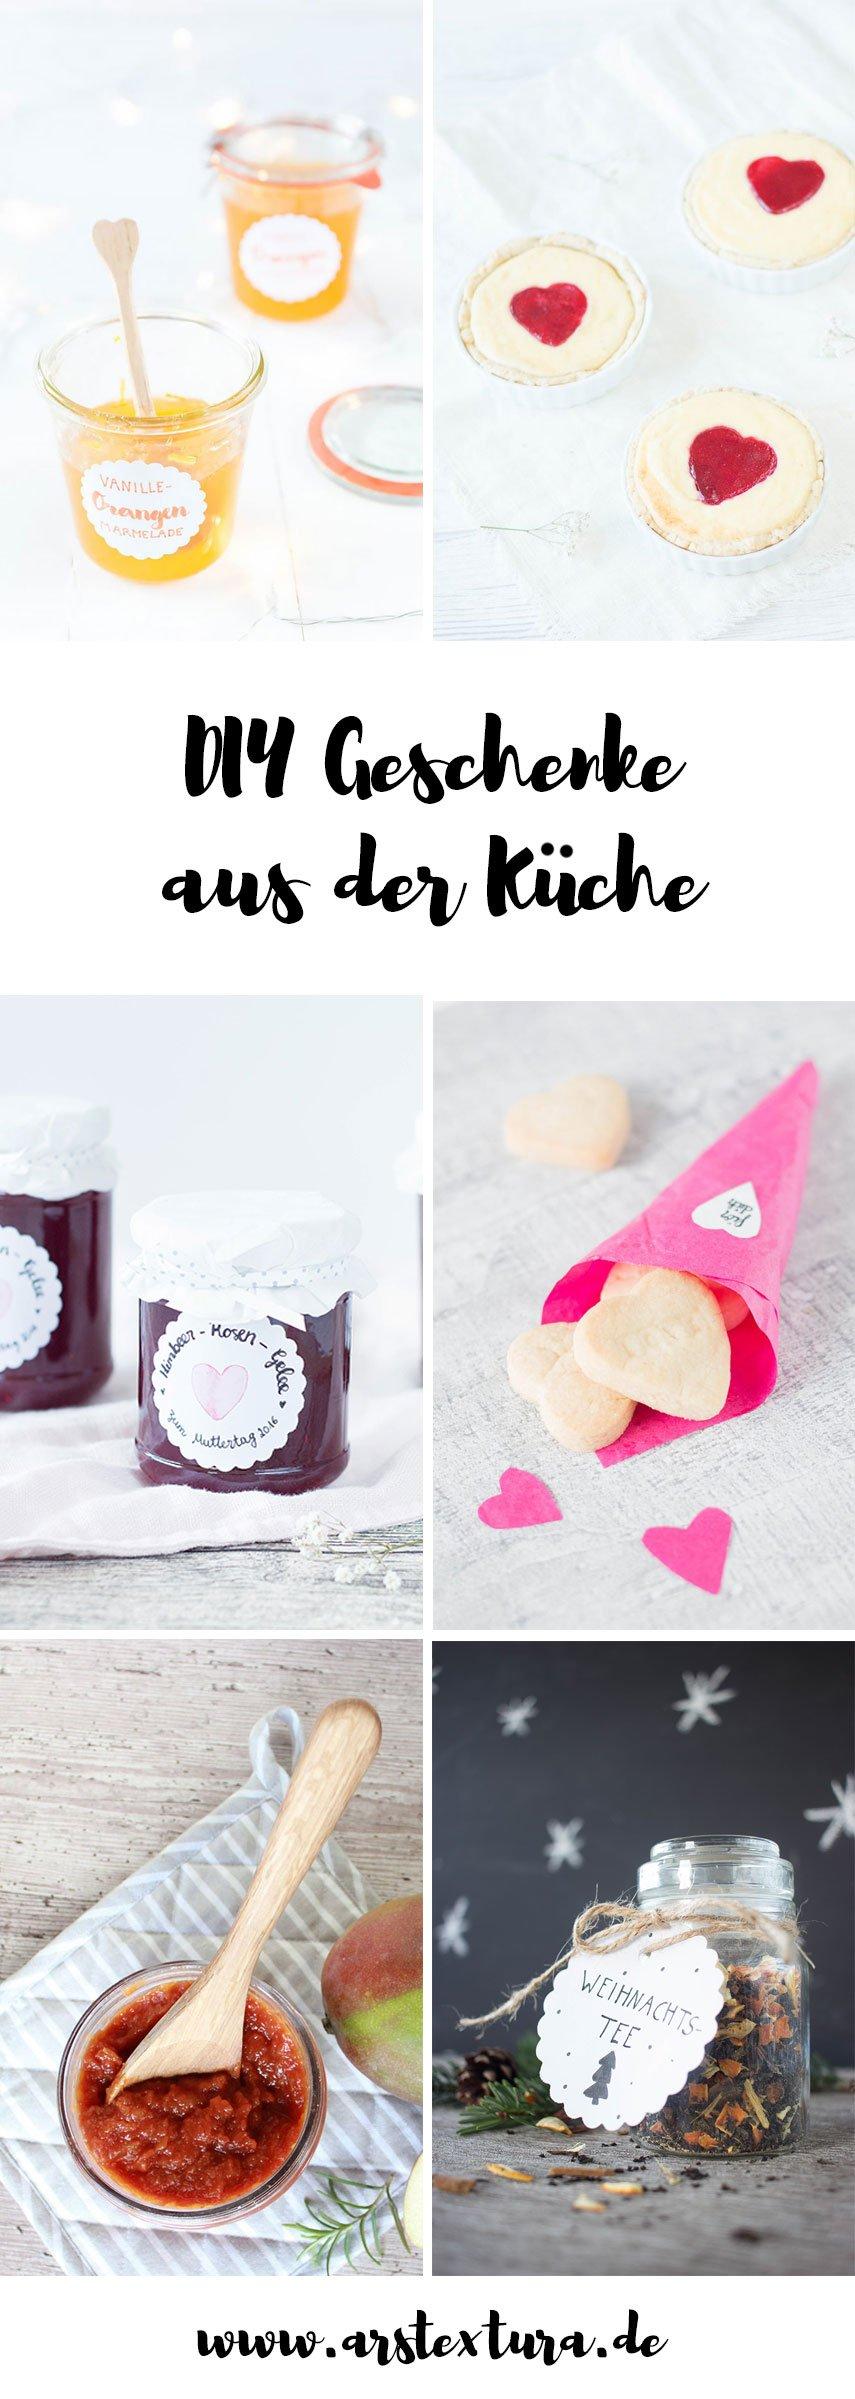 Geschenke aus der Küche | ars textura - DIY Blog & Food ...